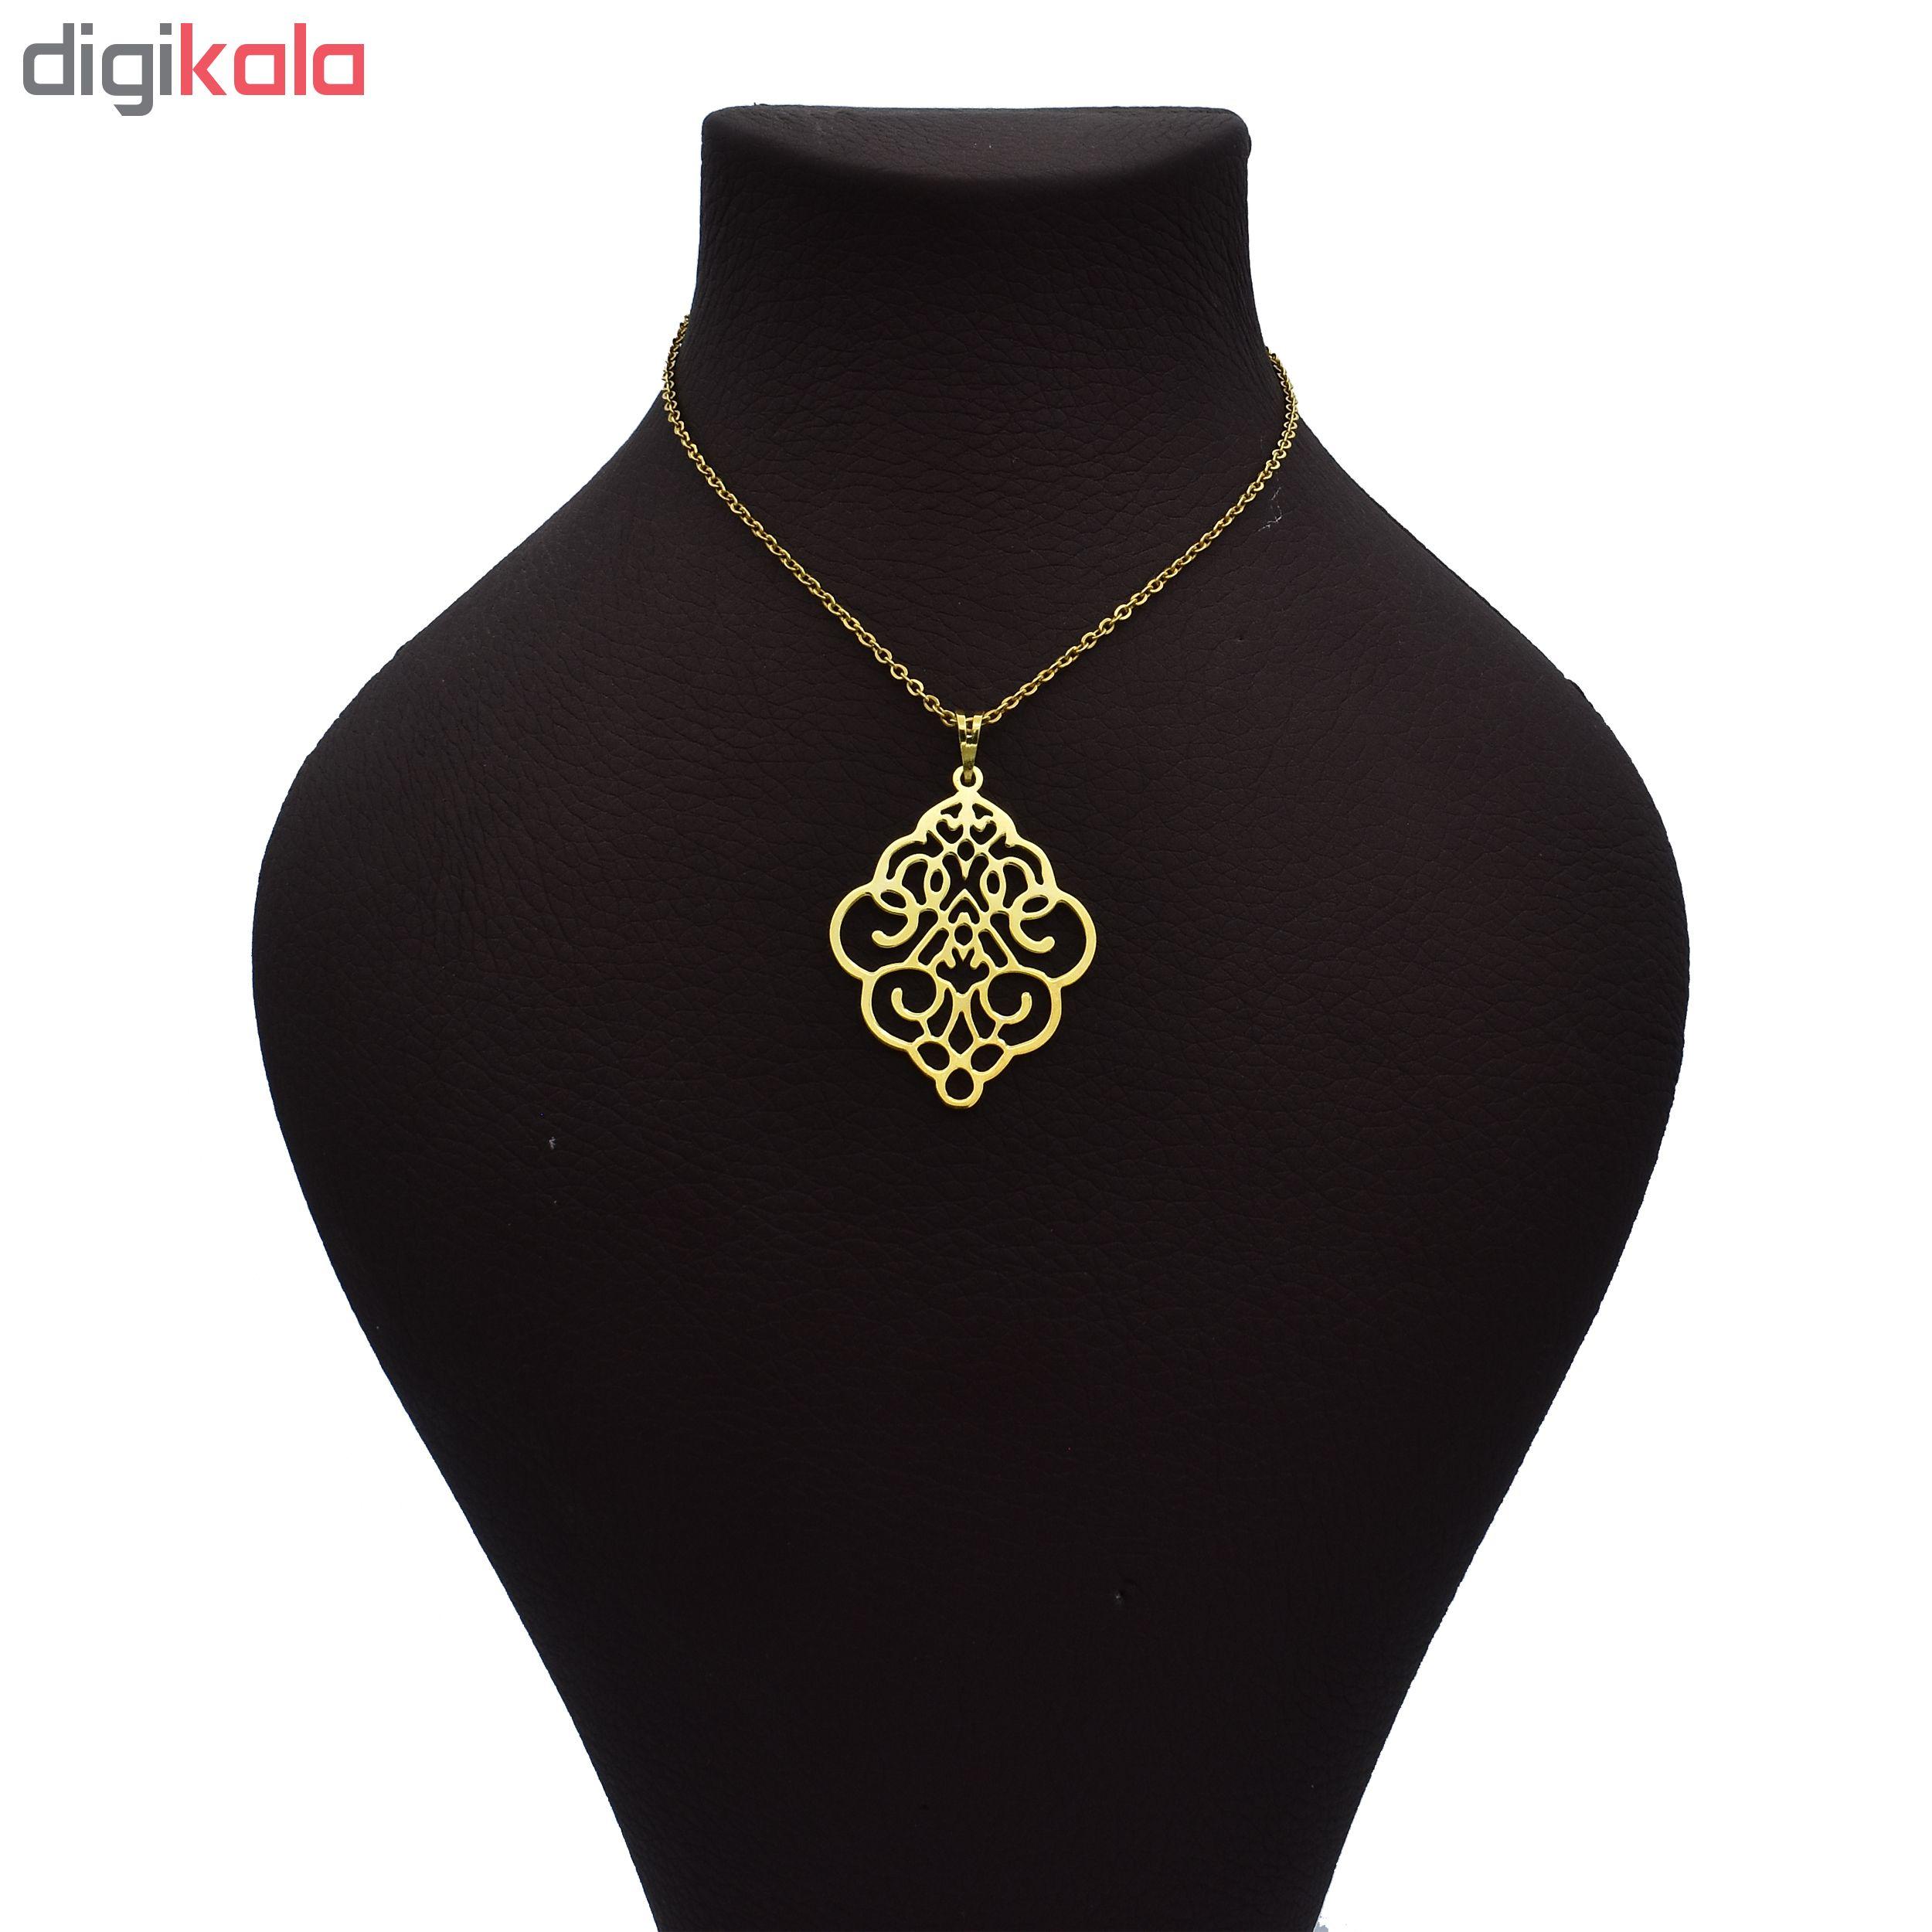 گردنبند طلا 18 عیار زنانه آرشا گالری طرح اسلیمی کد 334A2445 main 1 1